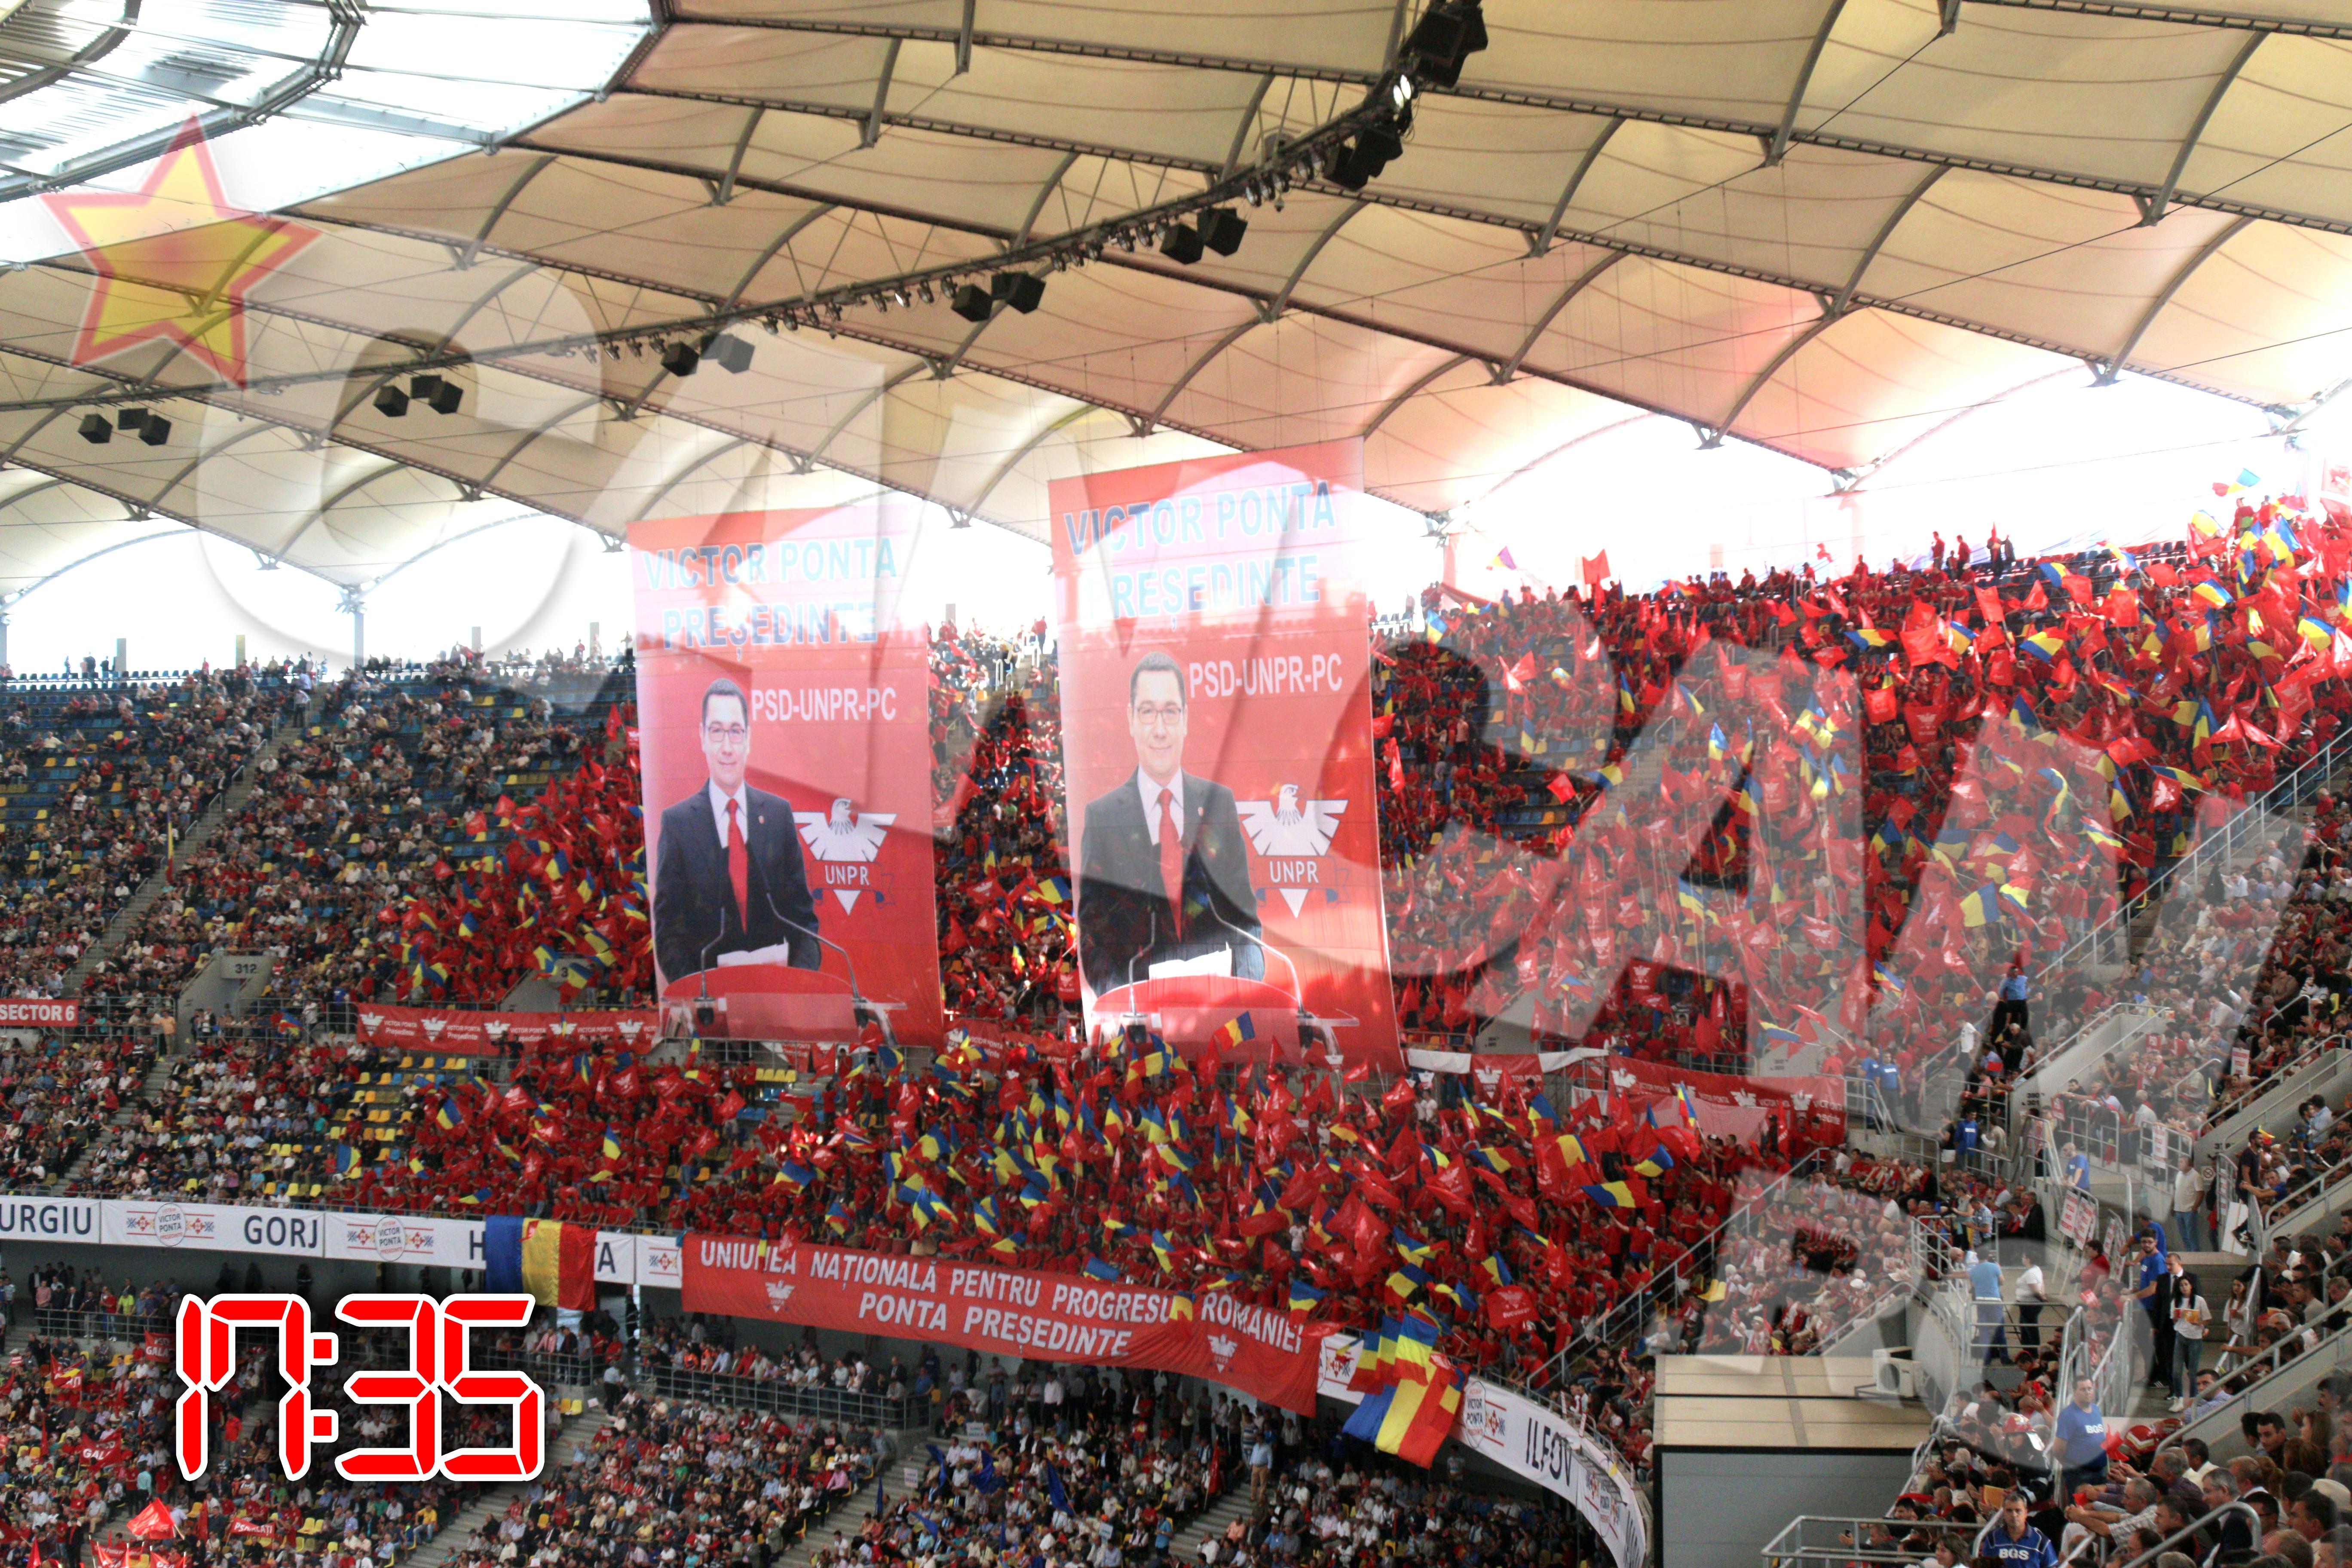 Peste 70.000 de oameni, un stadion arhiplin, i-au fost alaturi lui Victor Ponta in cea mai importanta zi din cariera lui politica de pana acum